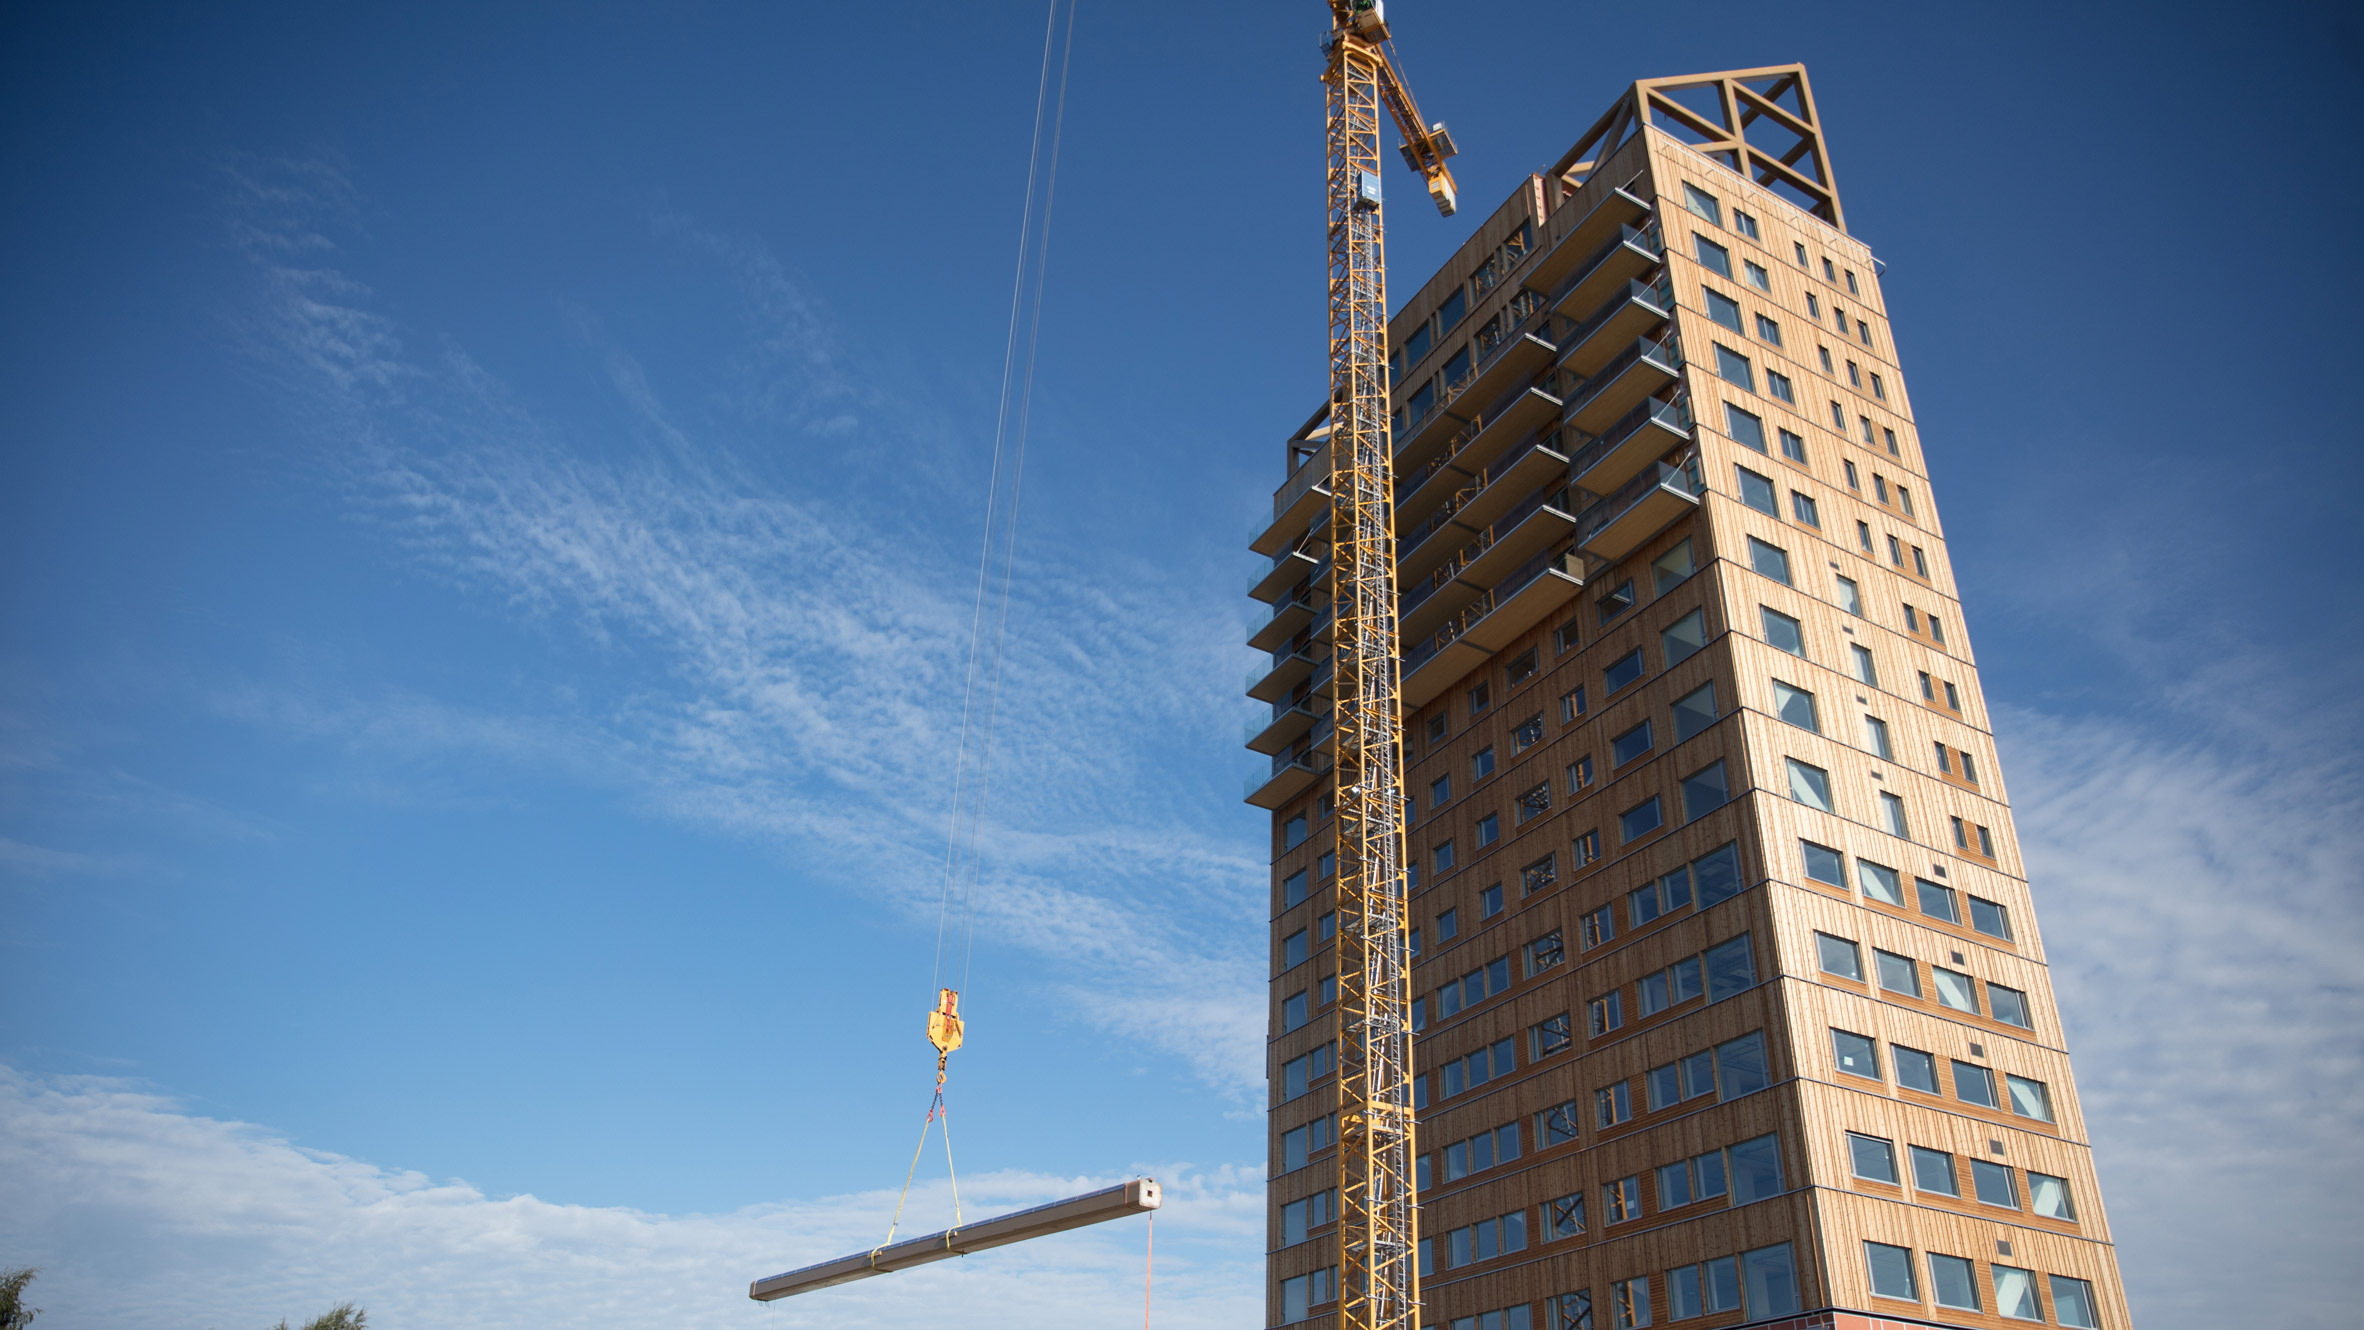 В Норвегии построили самое высокое в мире деревянное здание